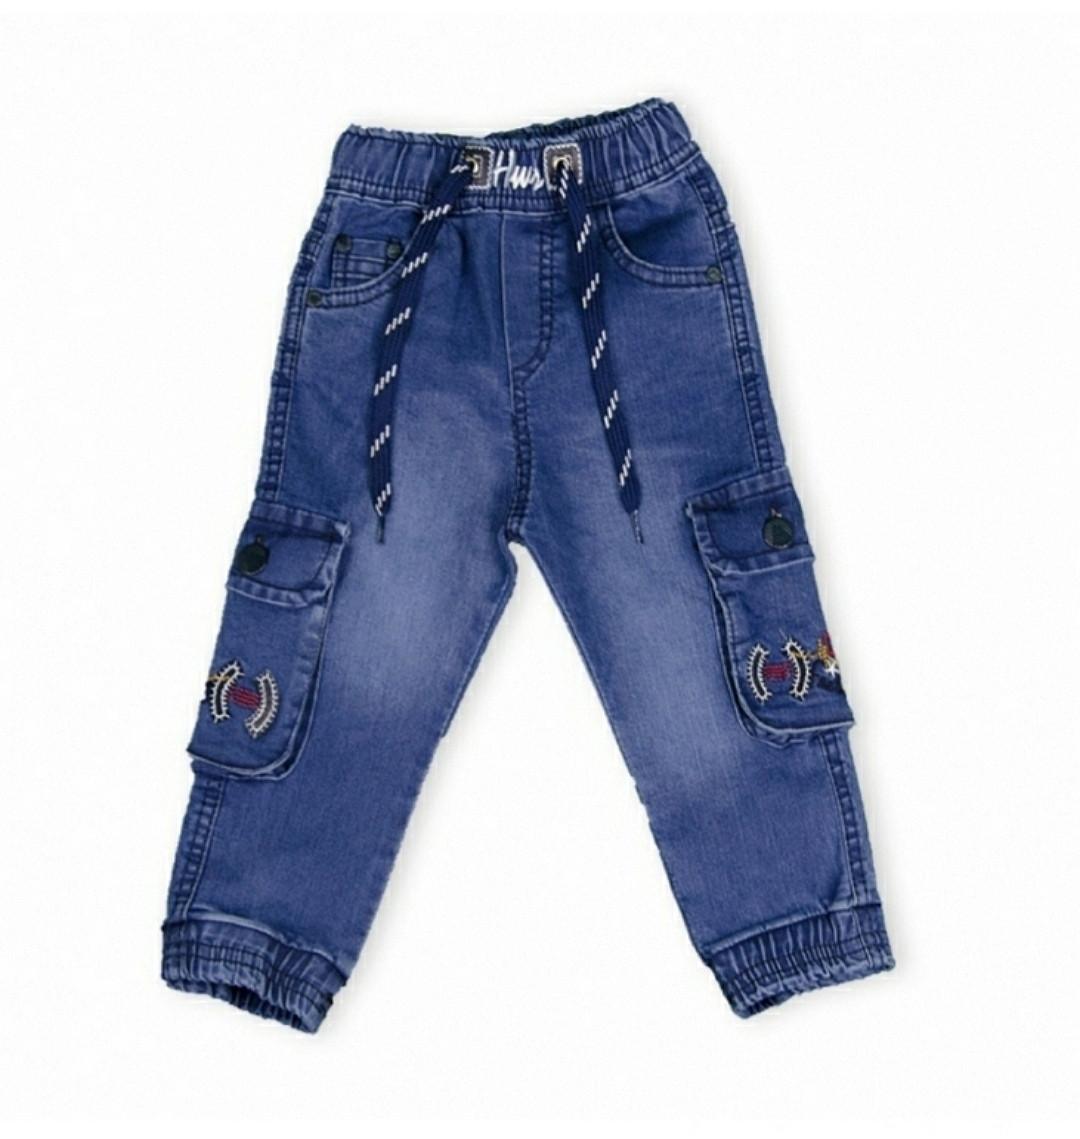 Джинсы для мальчиков 1-5 лет Hiwro